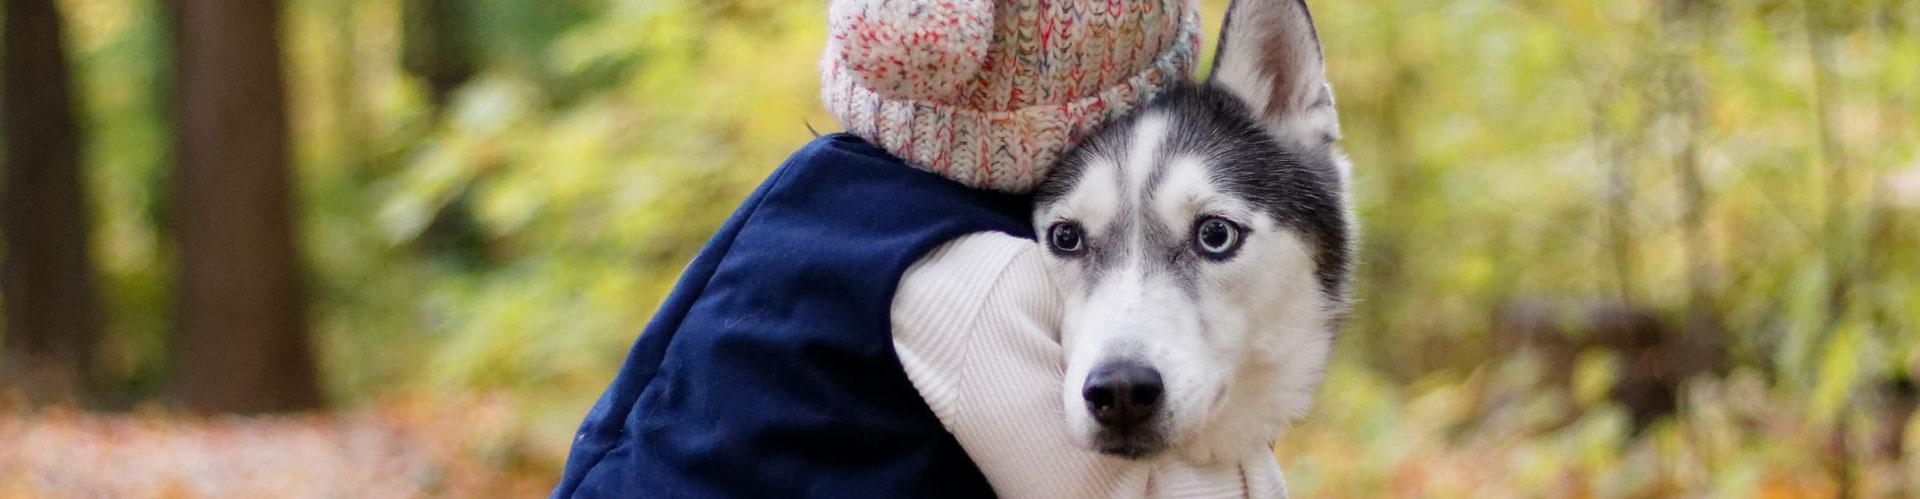 Jong kind gewond door toedoen hond | LetselPro